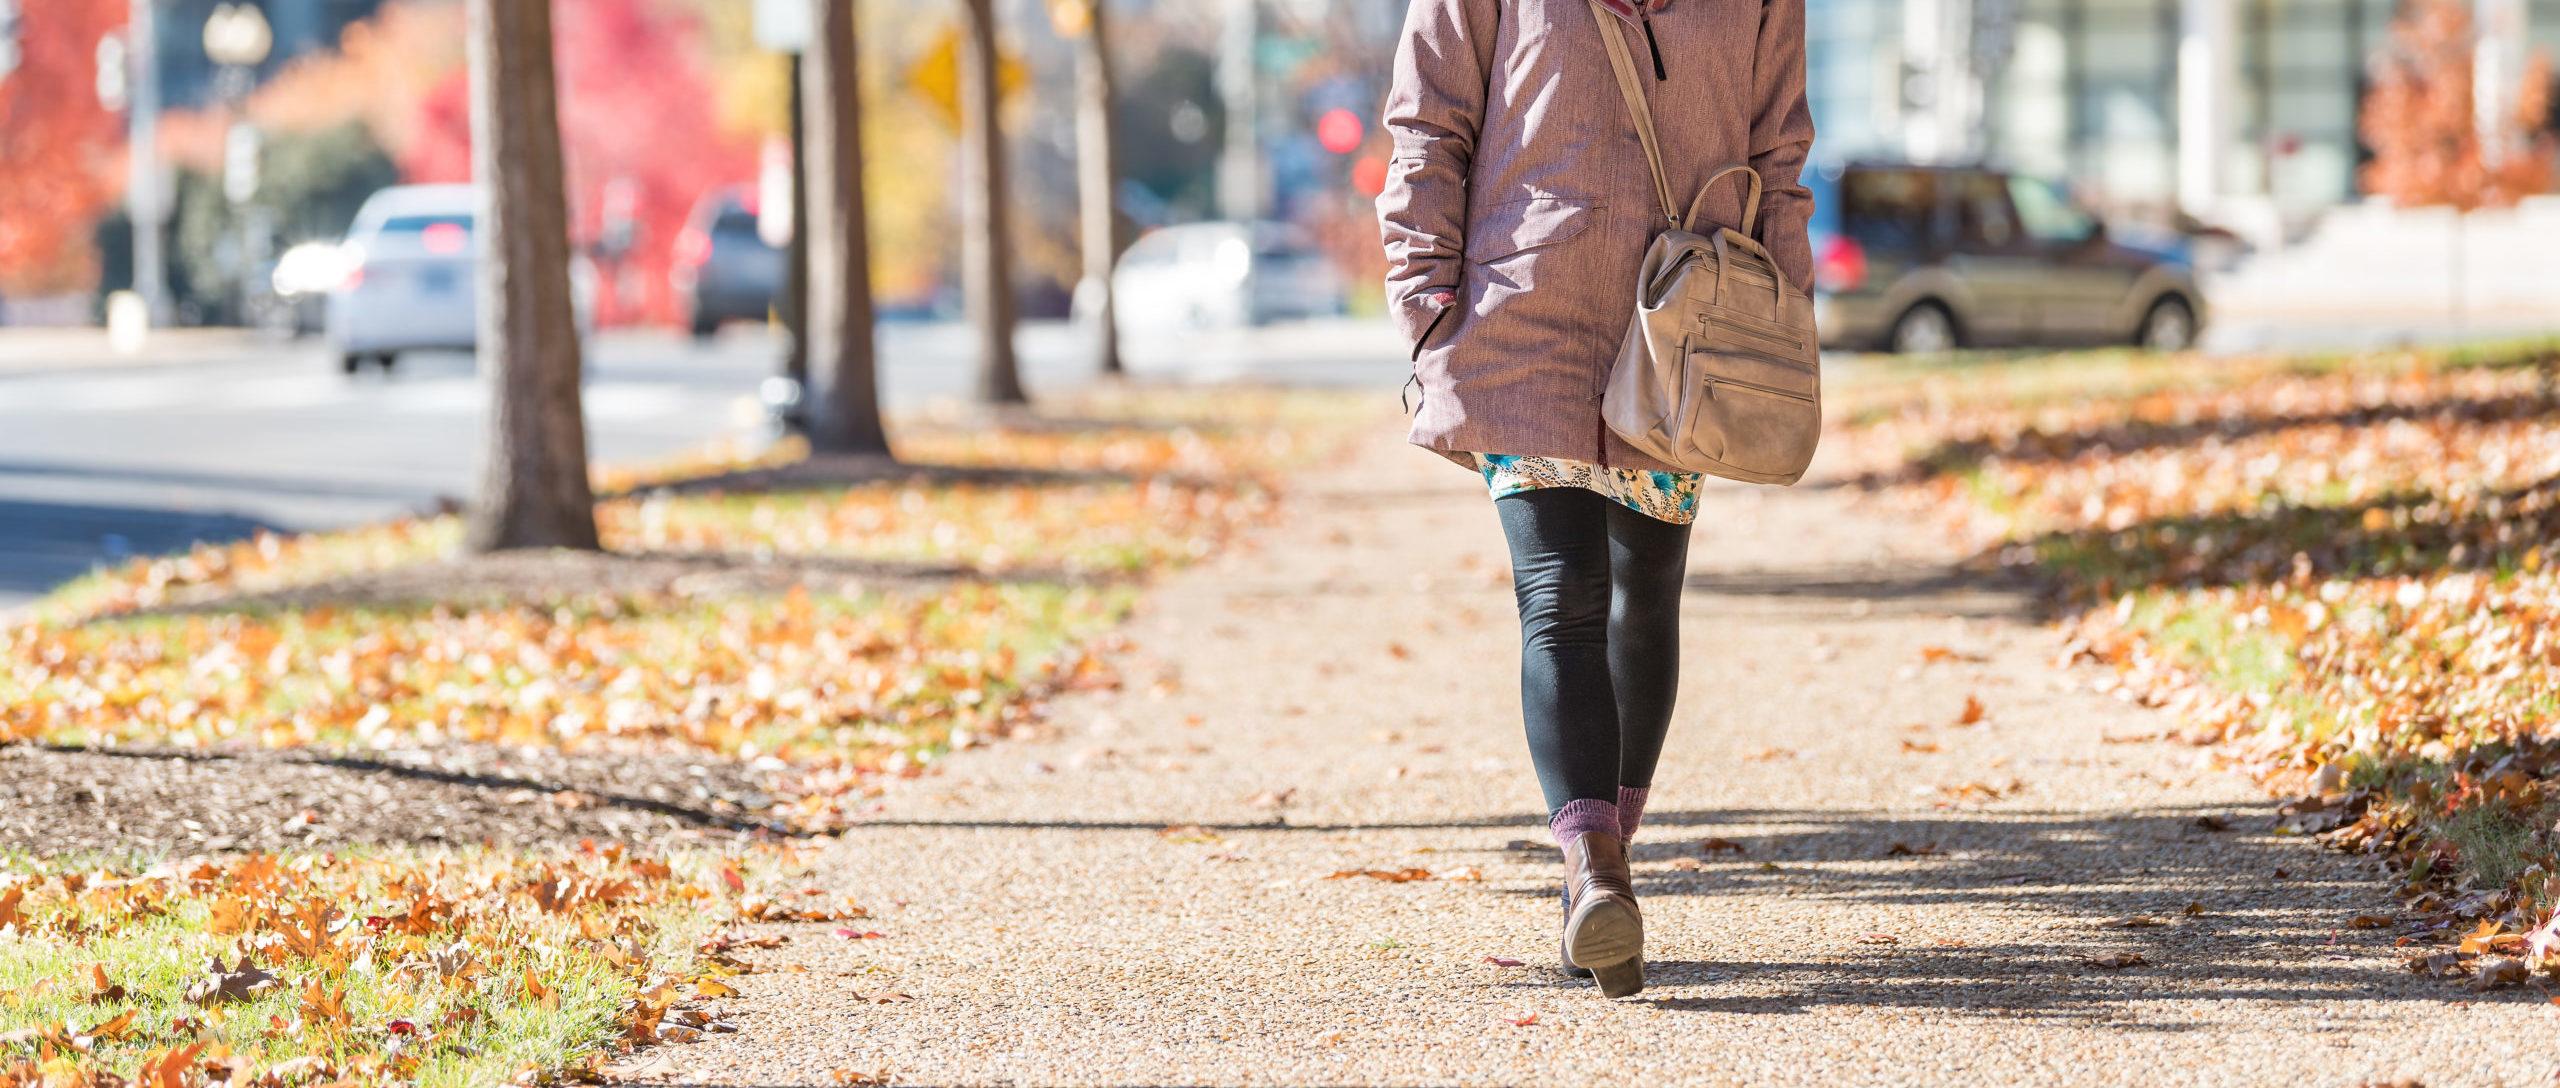 Woman walking down street in autumn